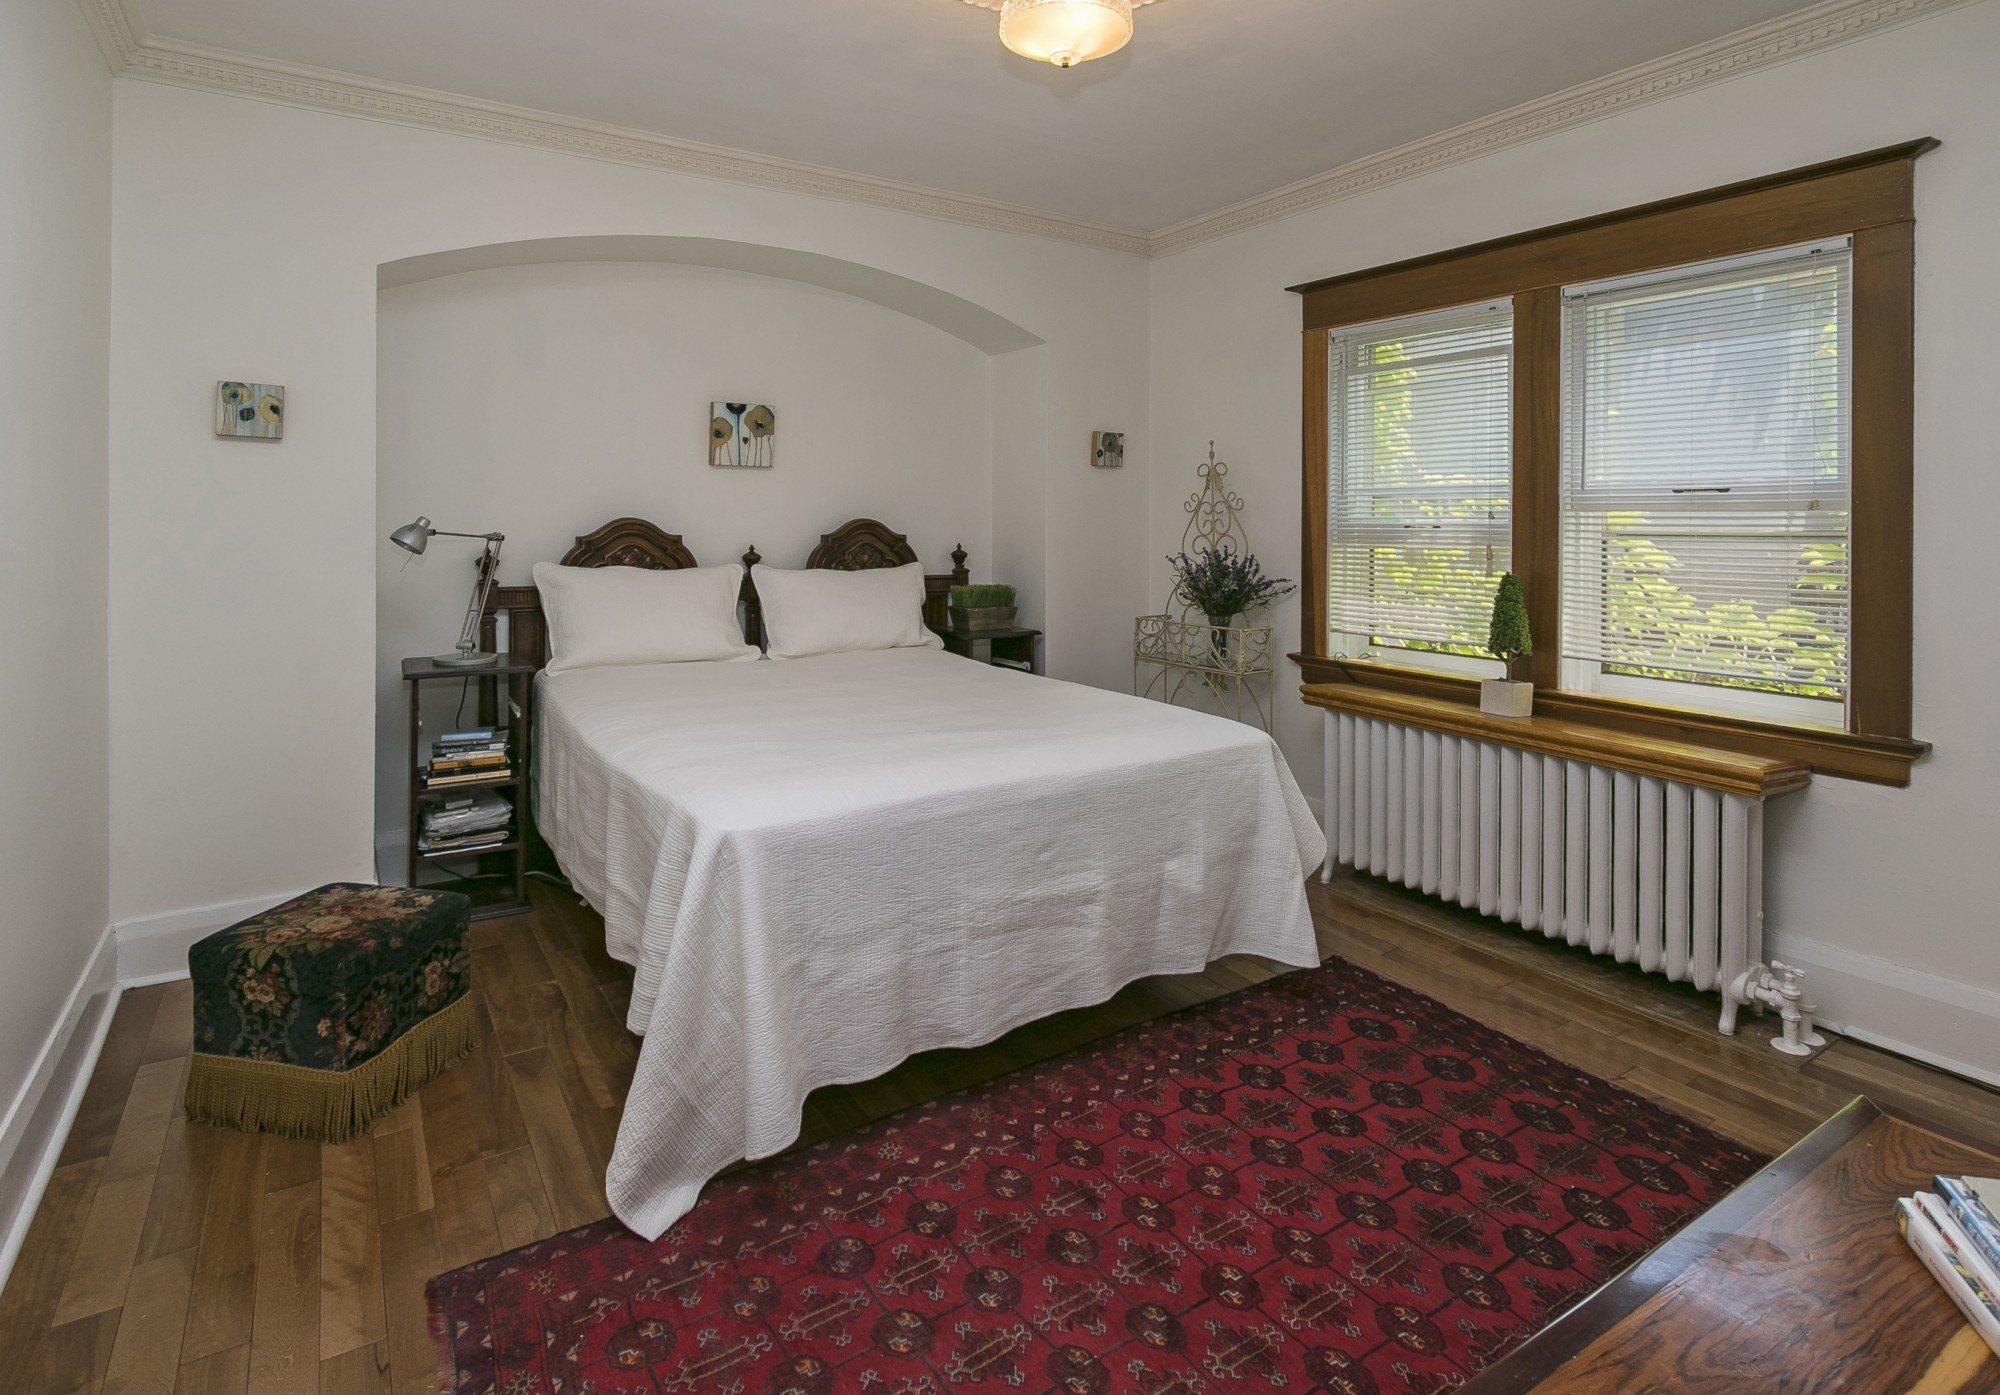 toronto-house-for-sale-15-glenholme-avenue-10